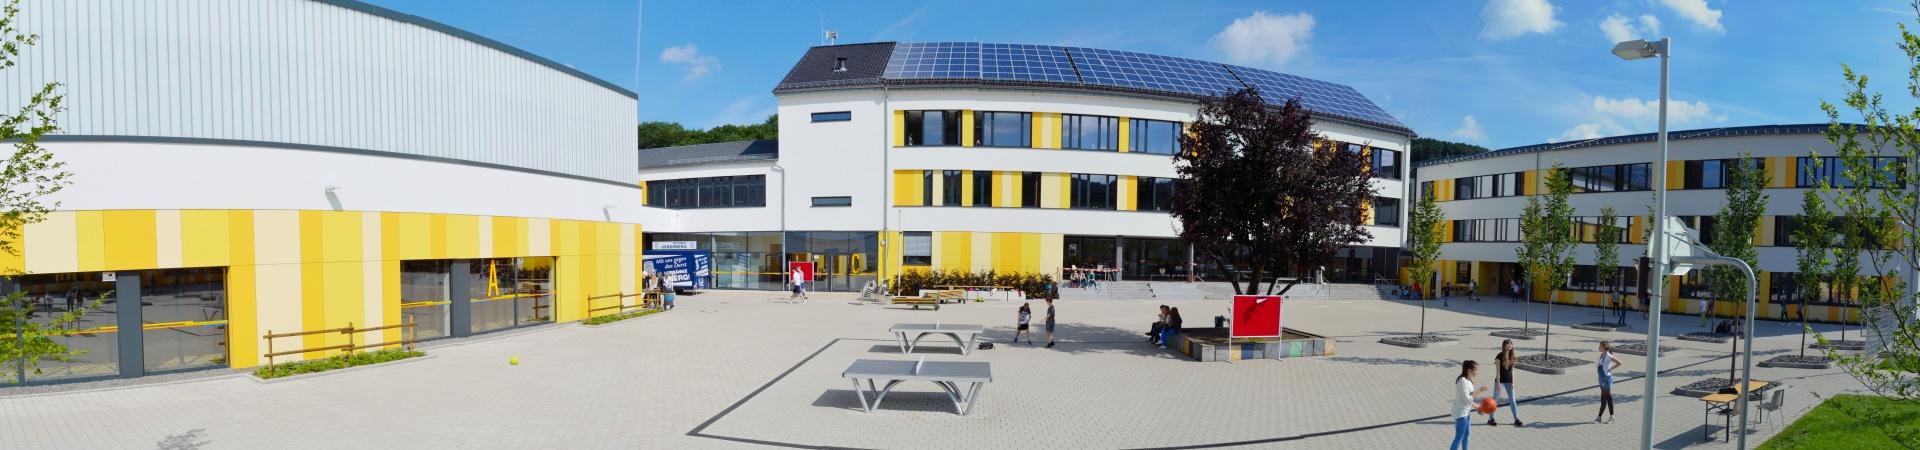 © Aggertal-Gymnasium Engelskirchen